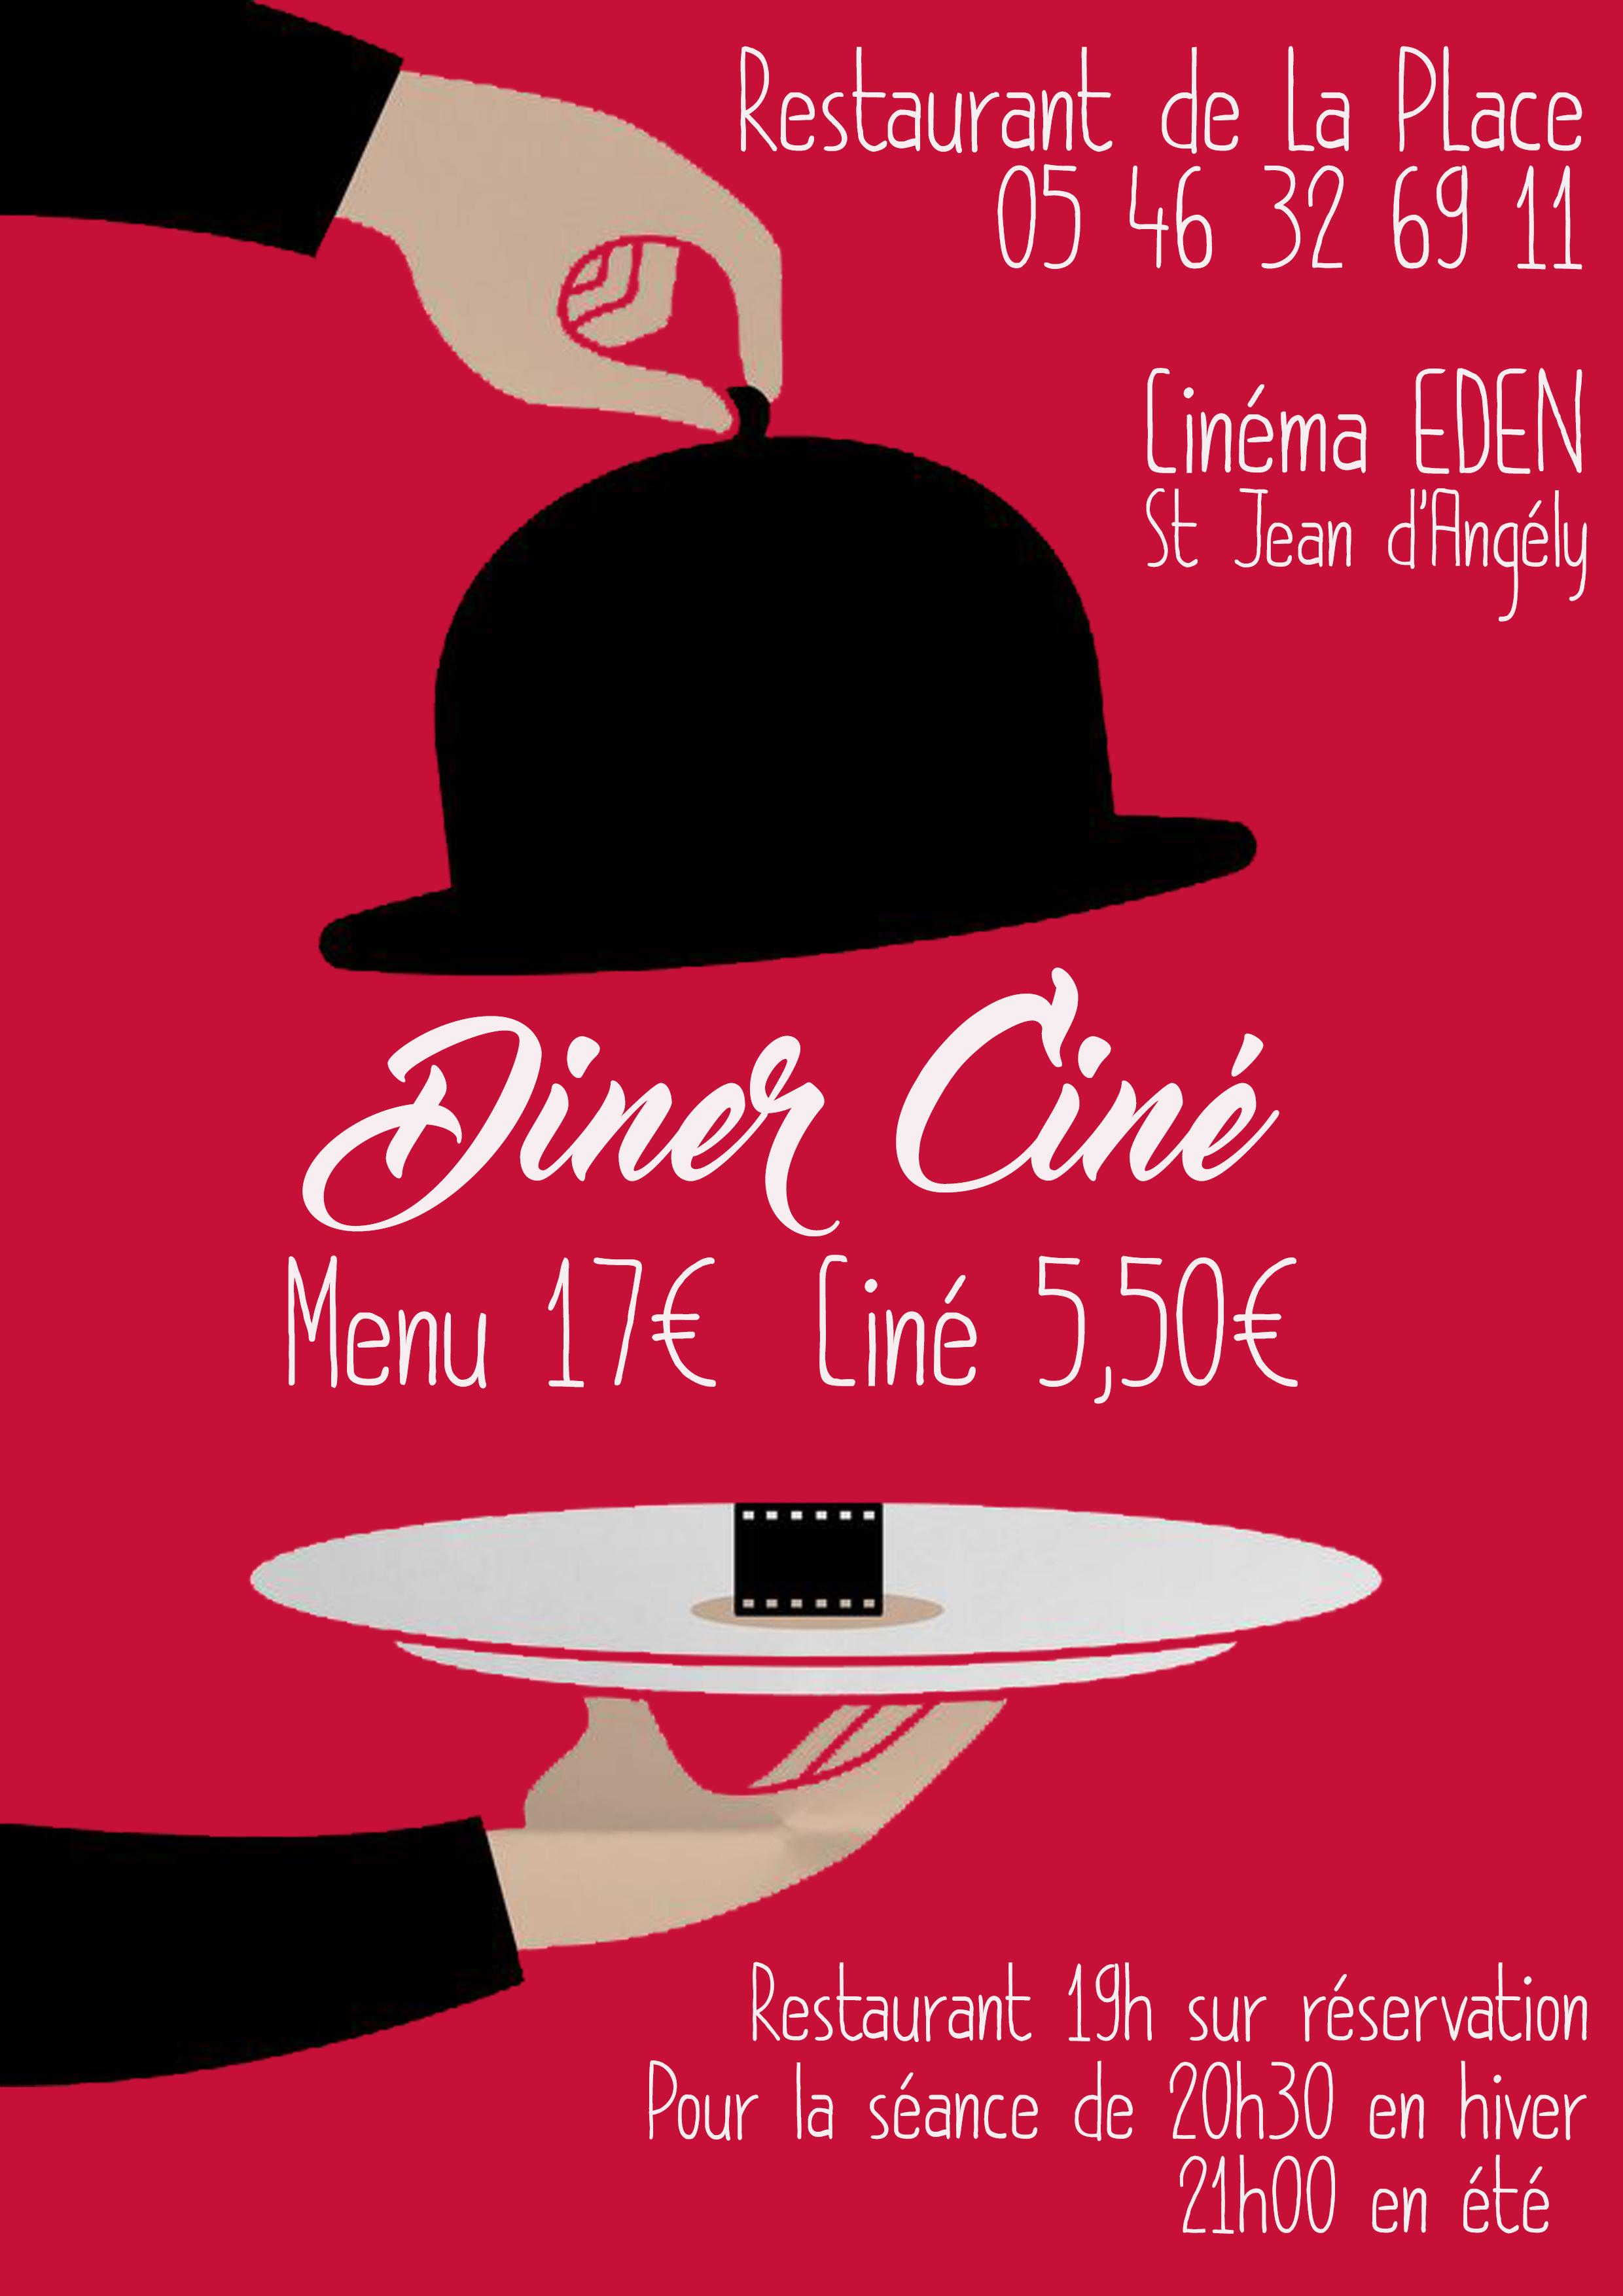 Diner ciné